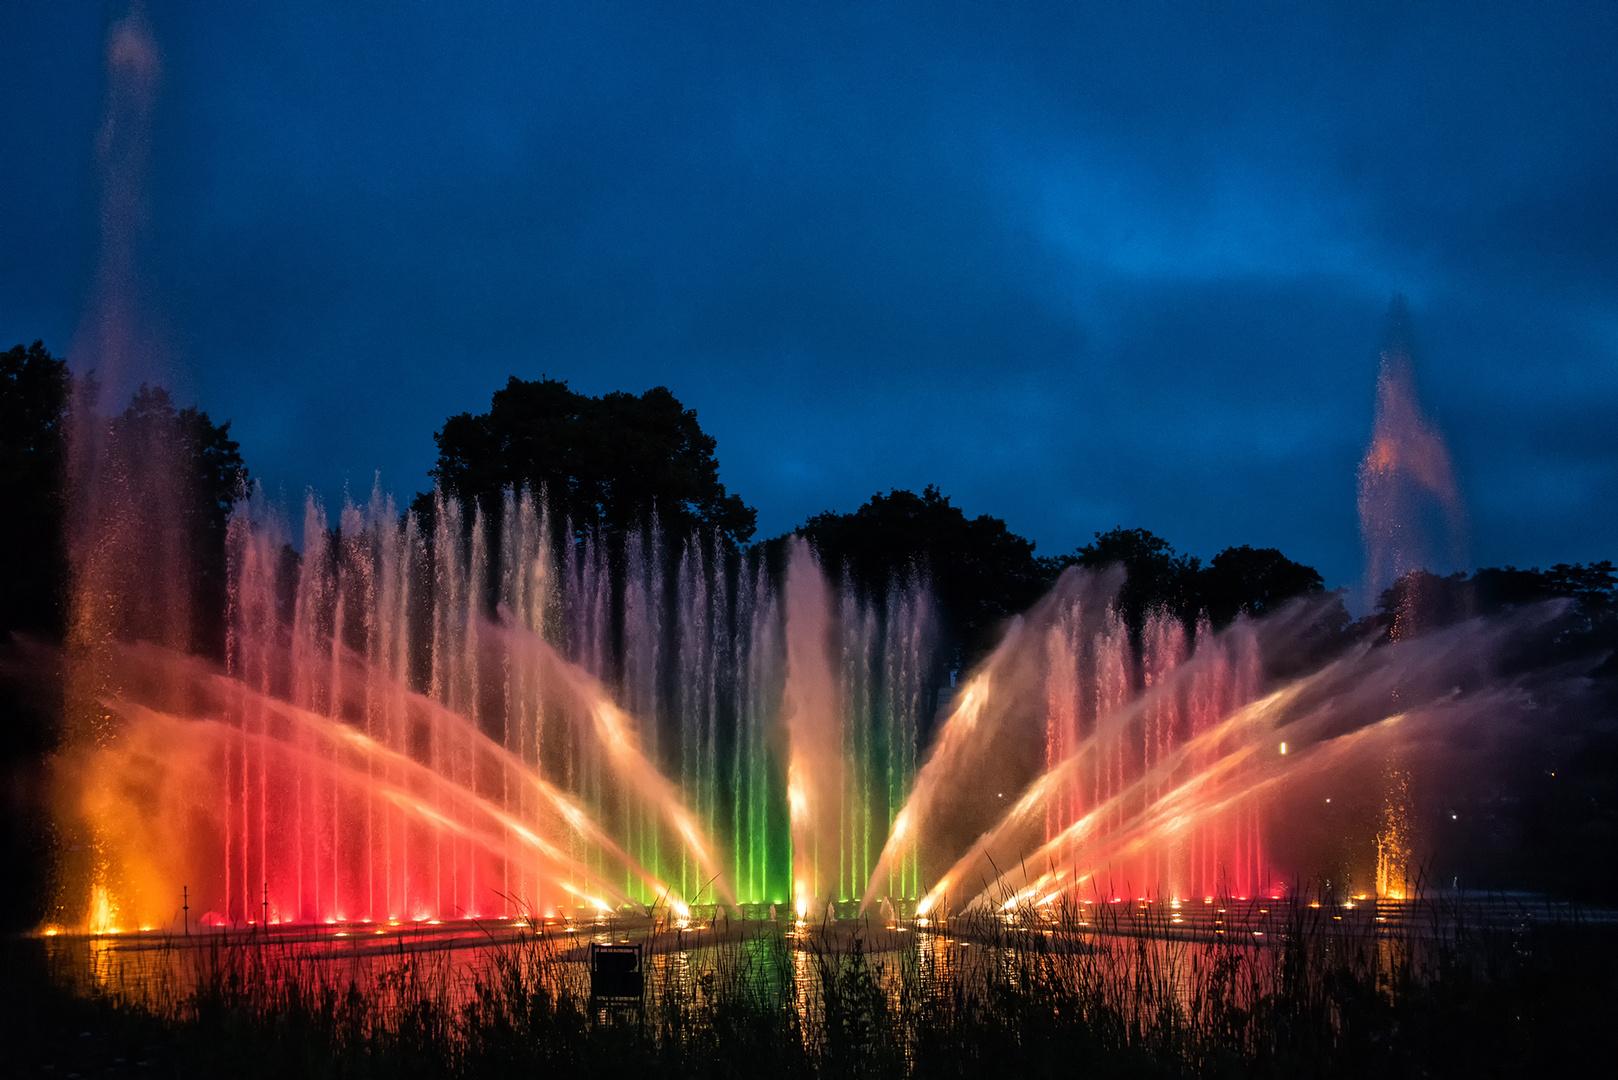 Wasserlichtspiele Foto & Bild | deutschland, europe